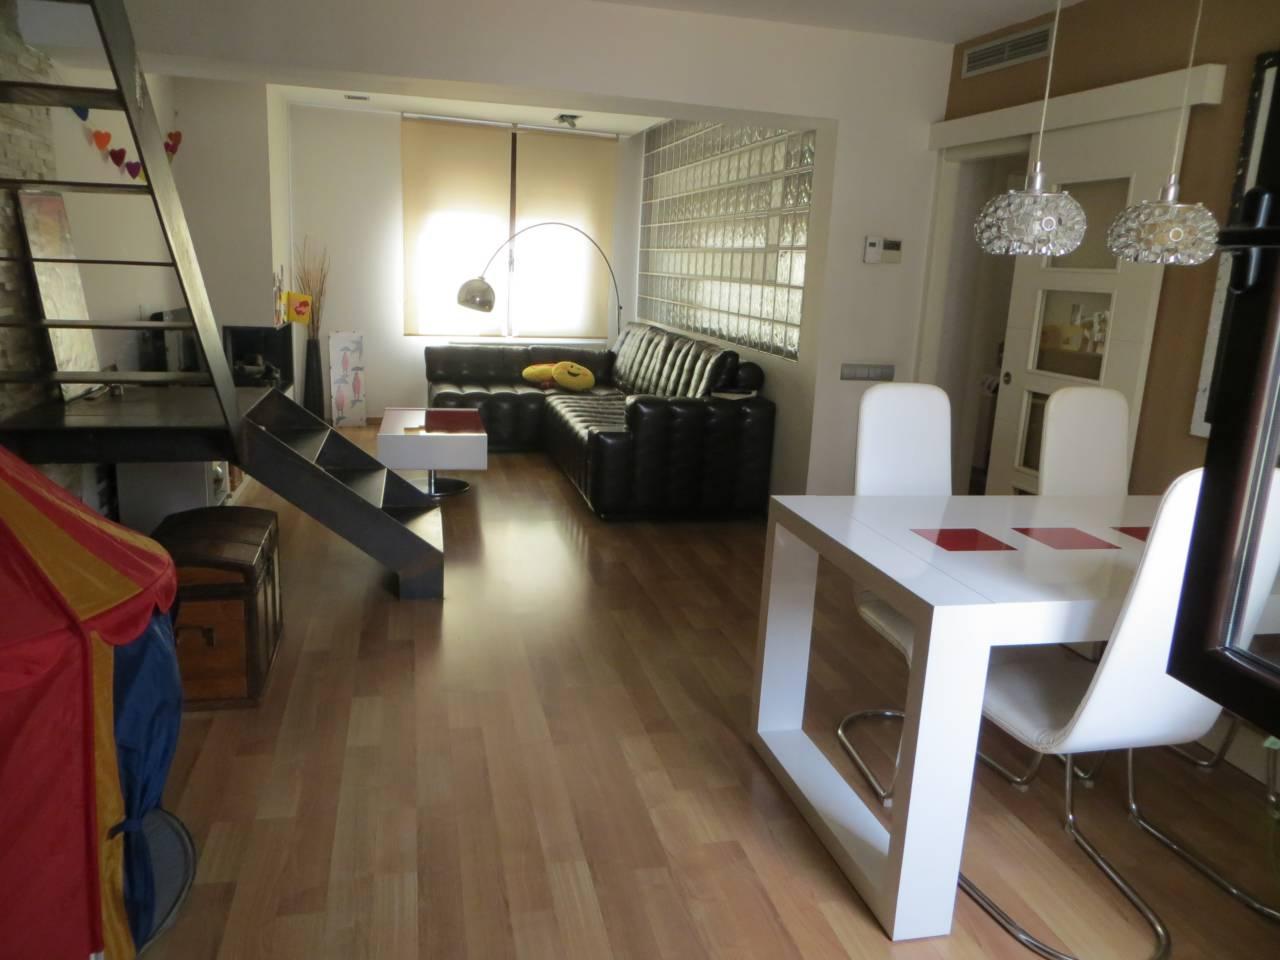 Piso  Can oriol. Reformado: 4 habitaciones ( 1 suite,  2 dobles,  1 ind.),  1 bañ